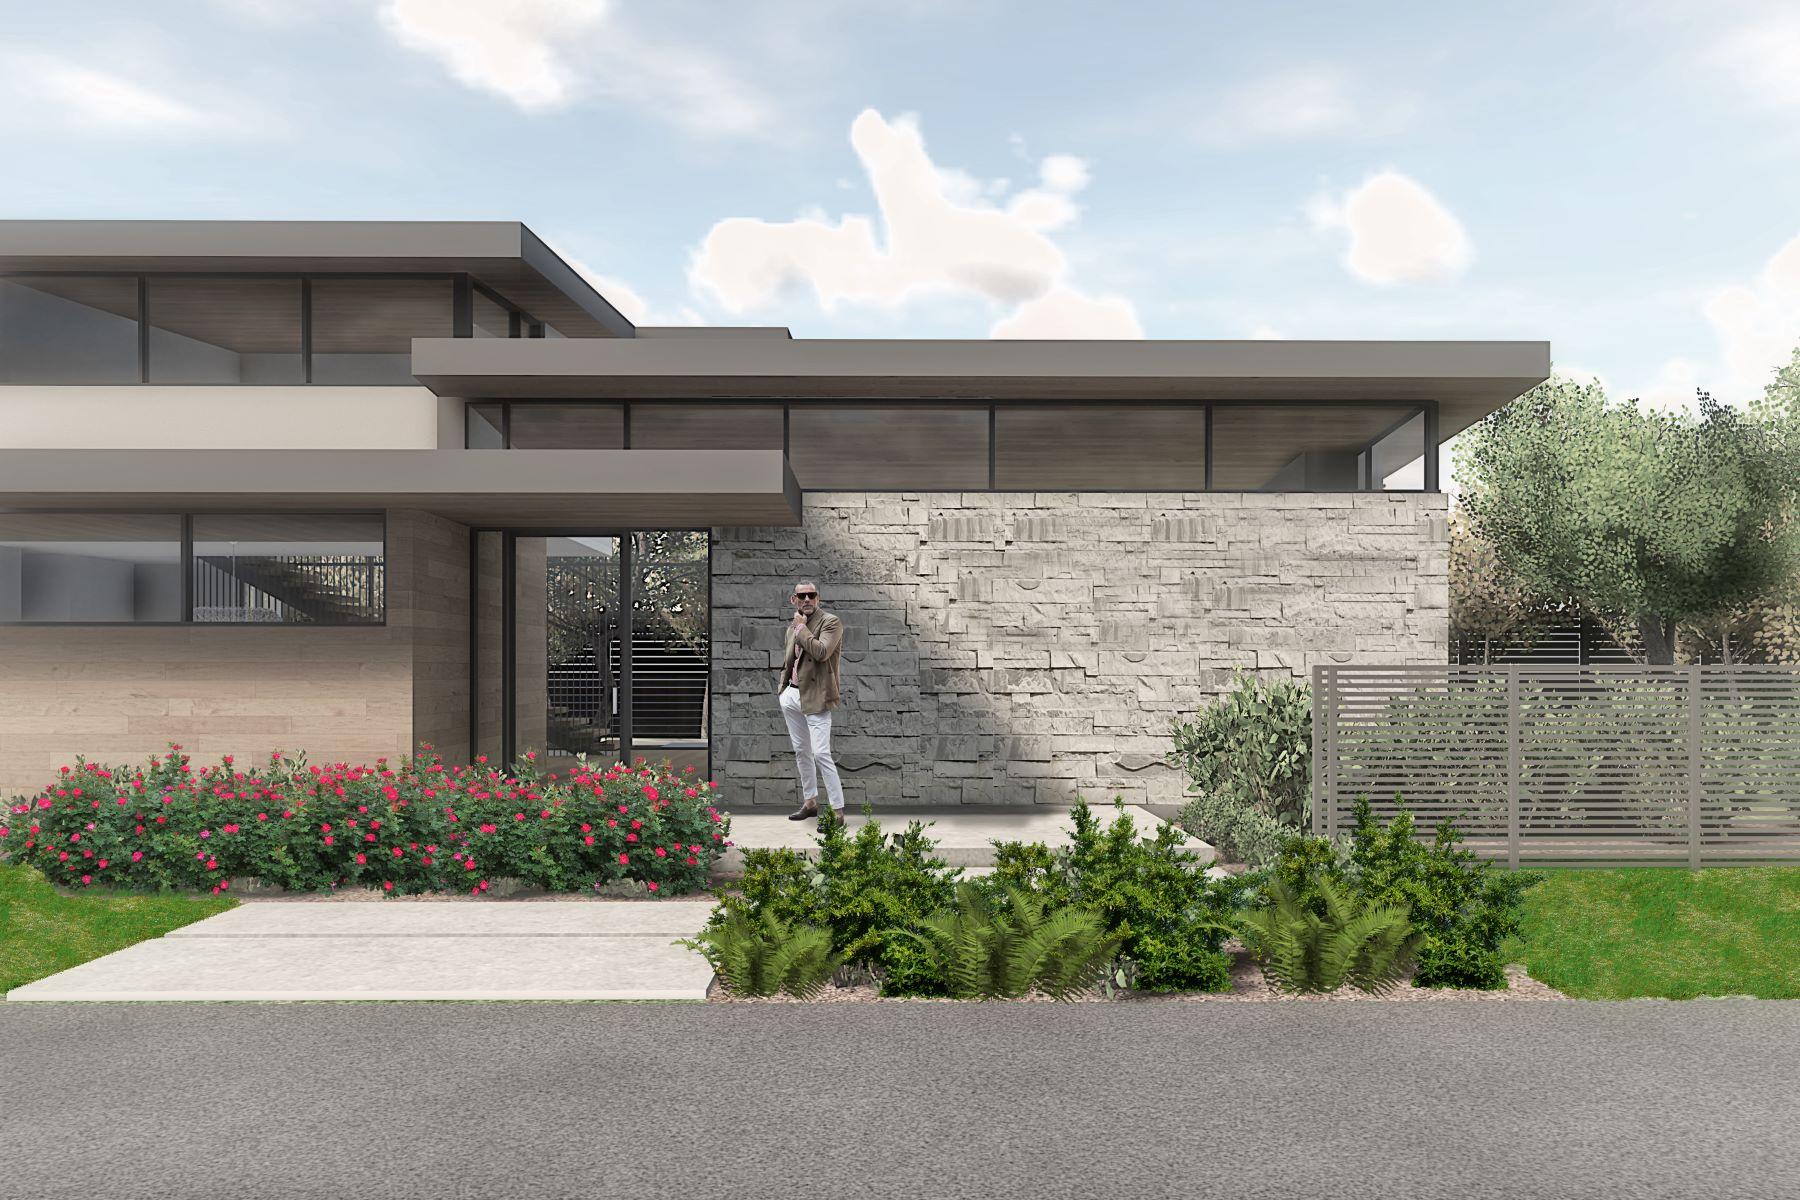 Additional photo for property listing at 2628 East Cedar Avenue 2628 E Cedar Ave Denver, Colorado 80209 United States